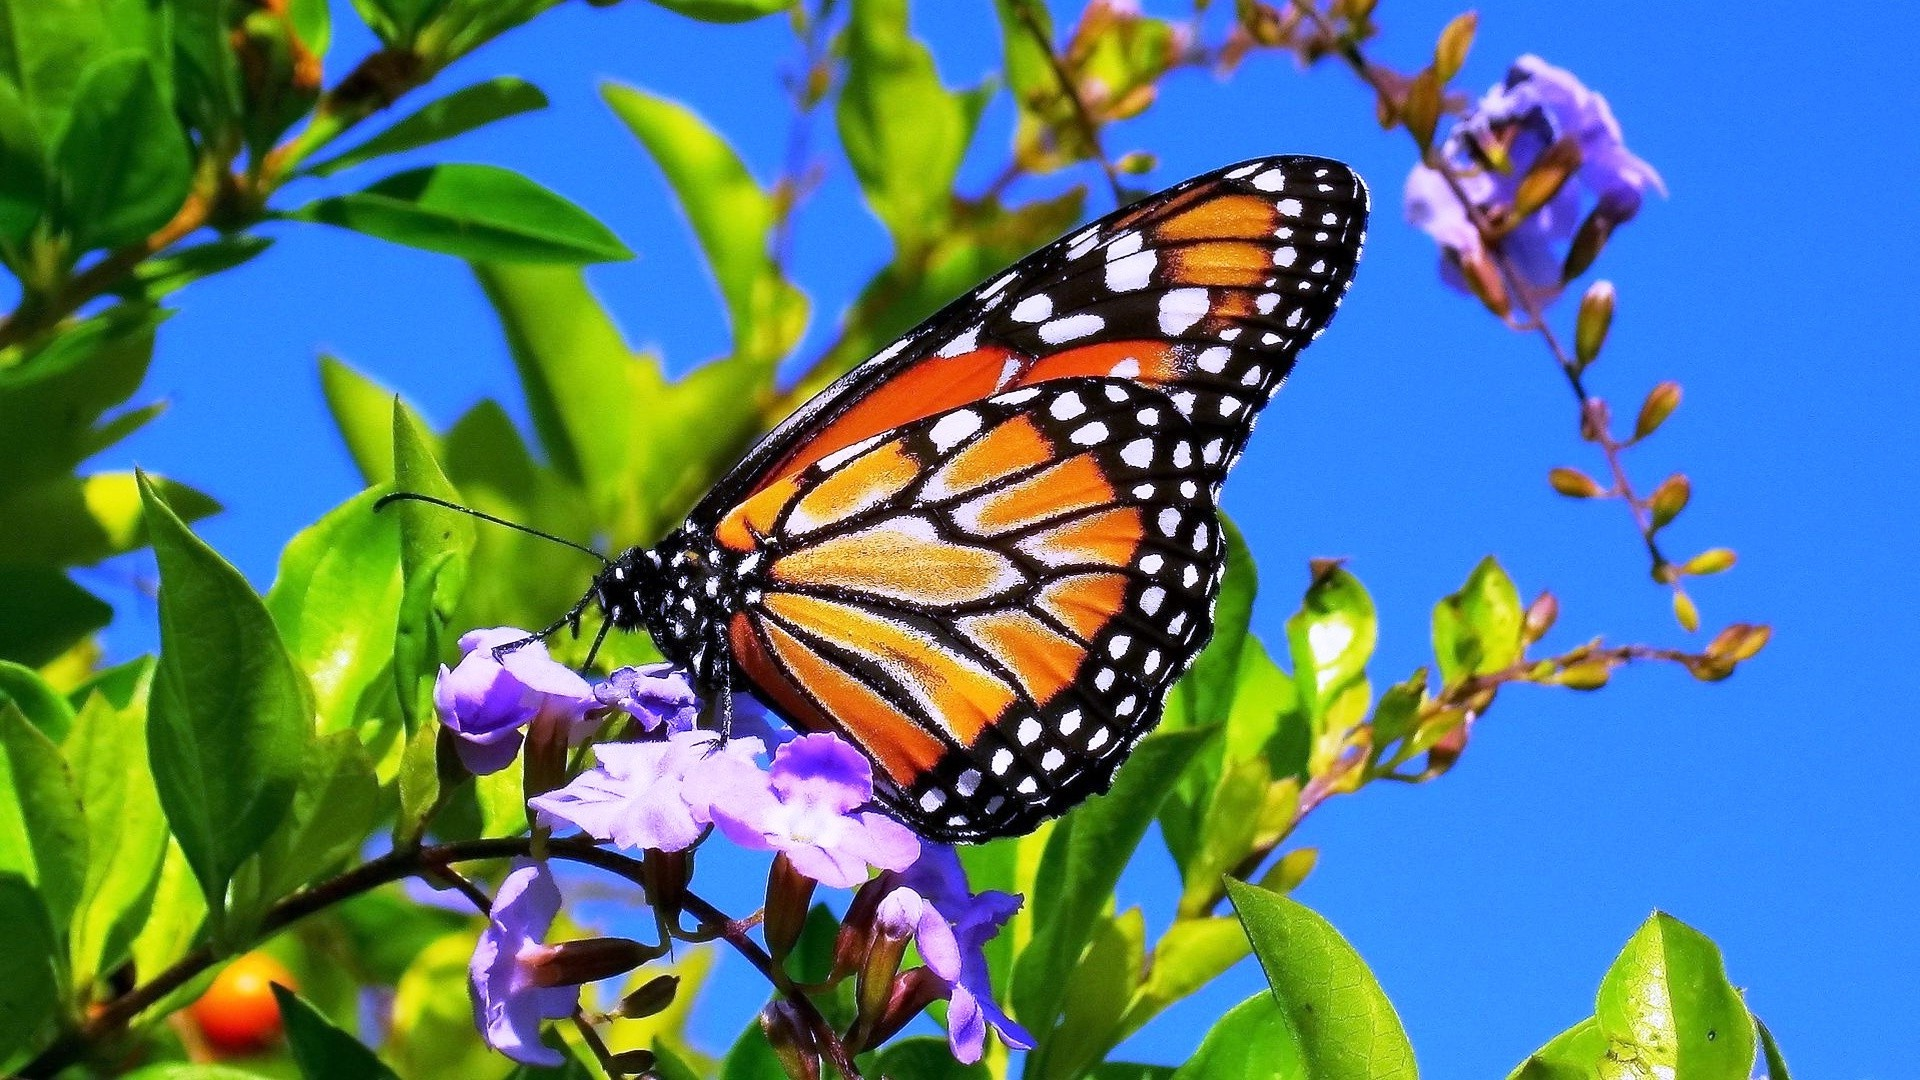 … Beautiful Butterfly On Flower wallpaper | wallpaper free download